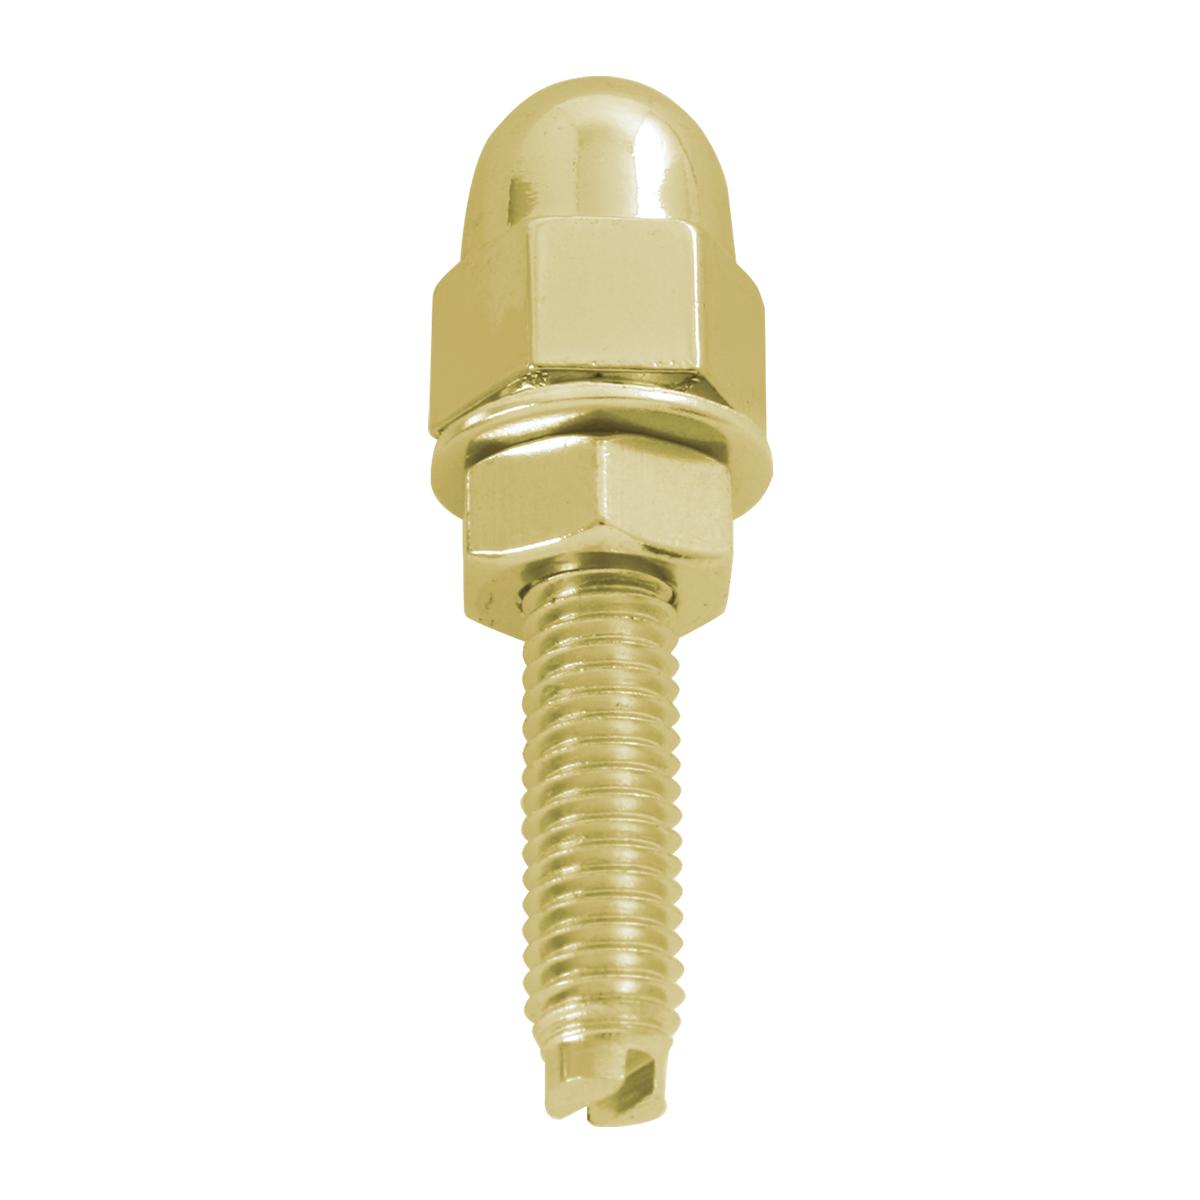 Gold Color Acorn Fastener Set - Single